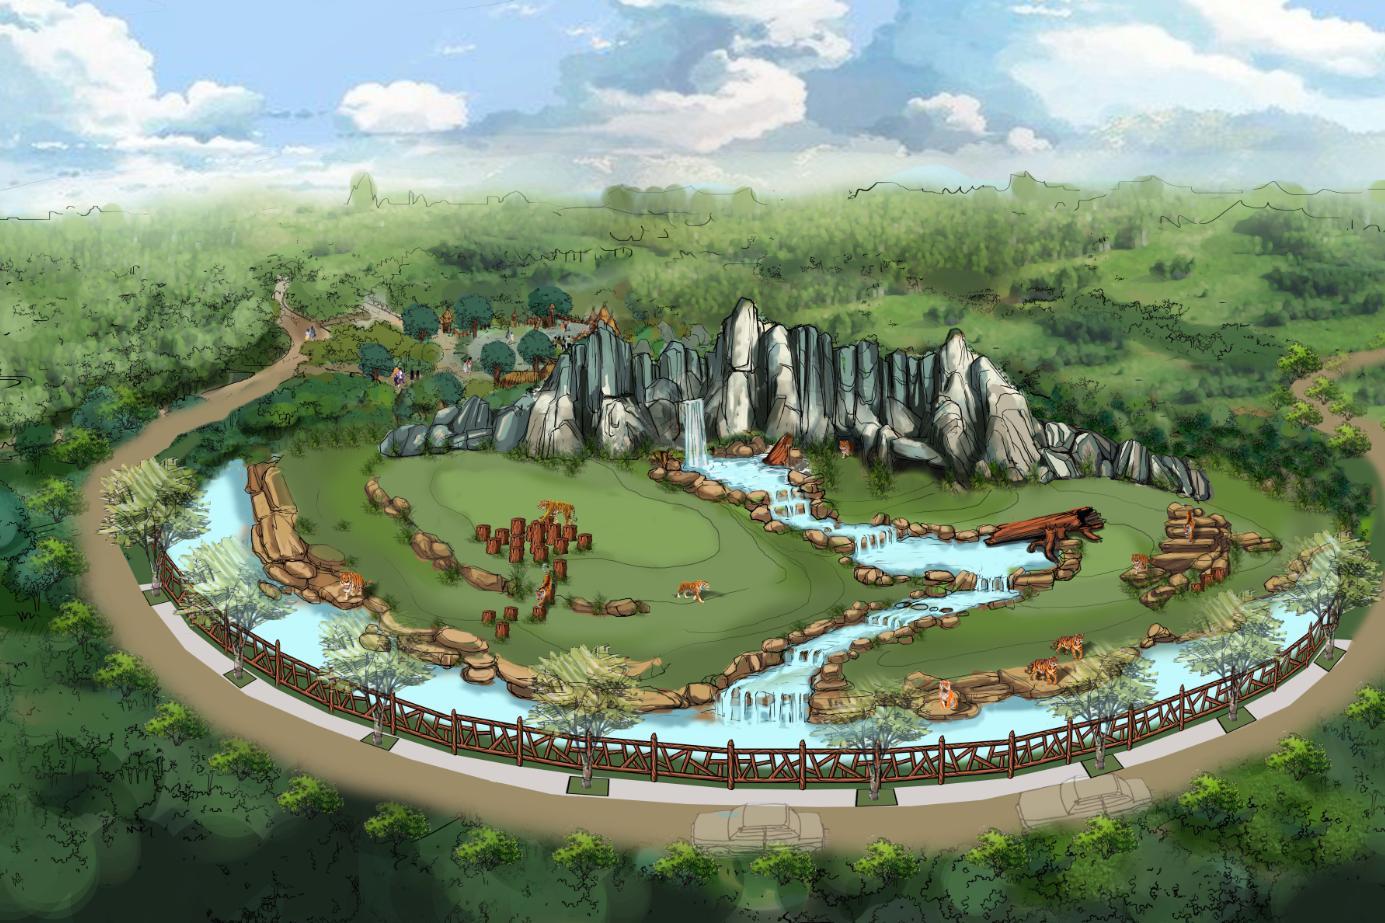 南通森林野生动物园新闻发布会隆重举行!图片